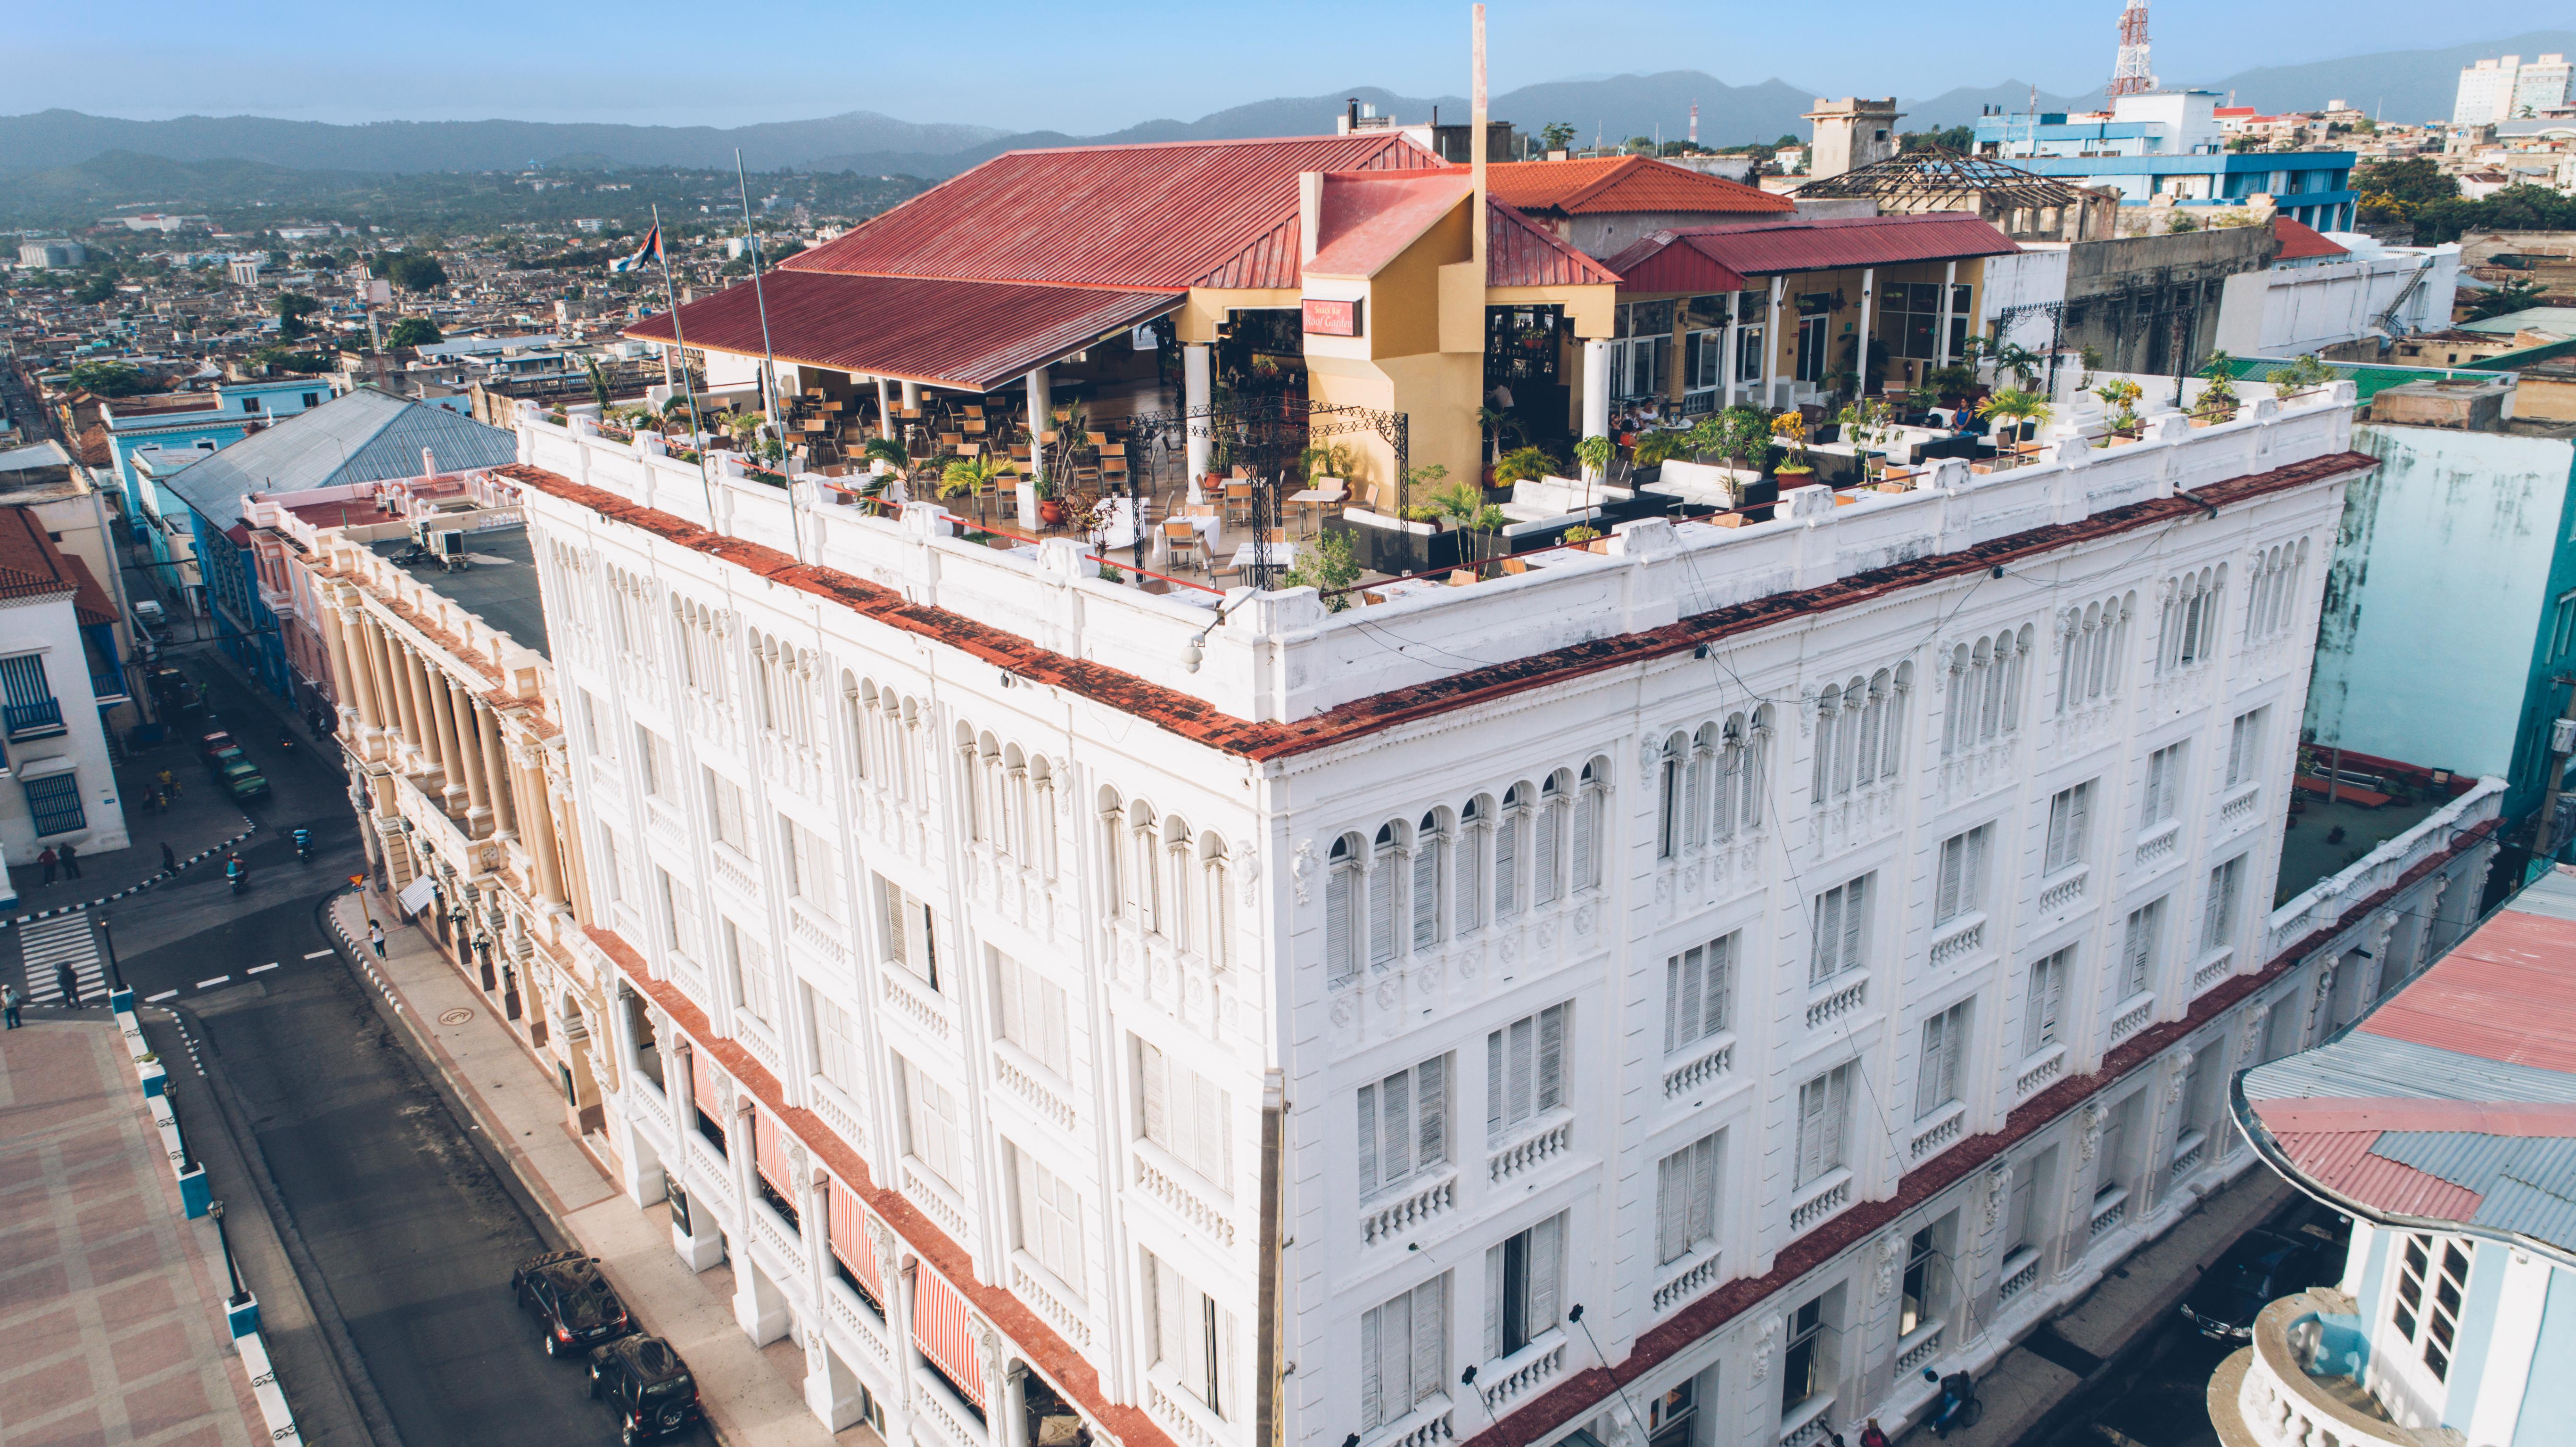 IBEROSTAR Casa Granda, Santiago de Cuba